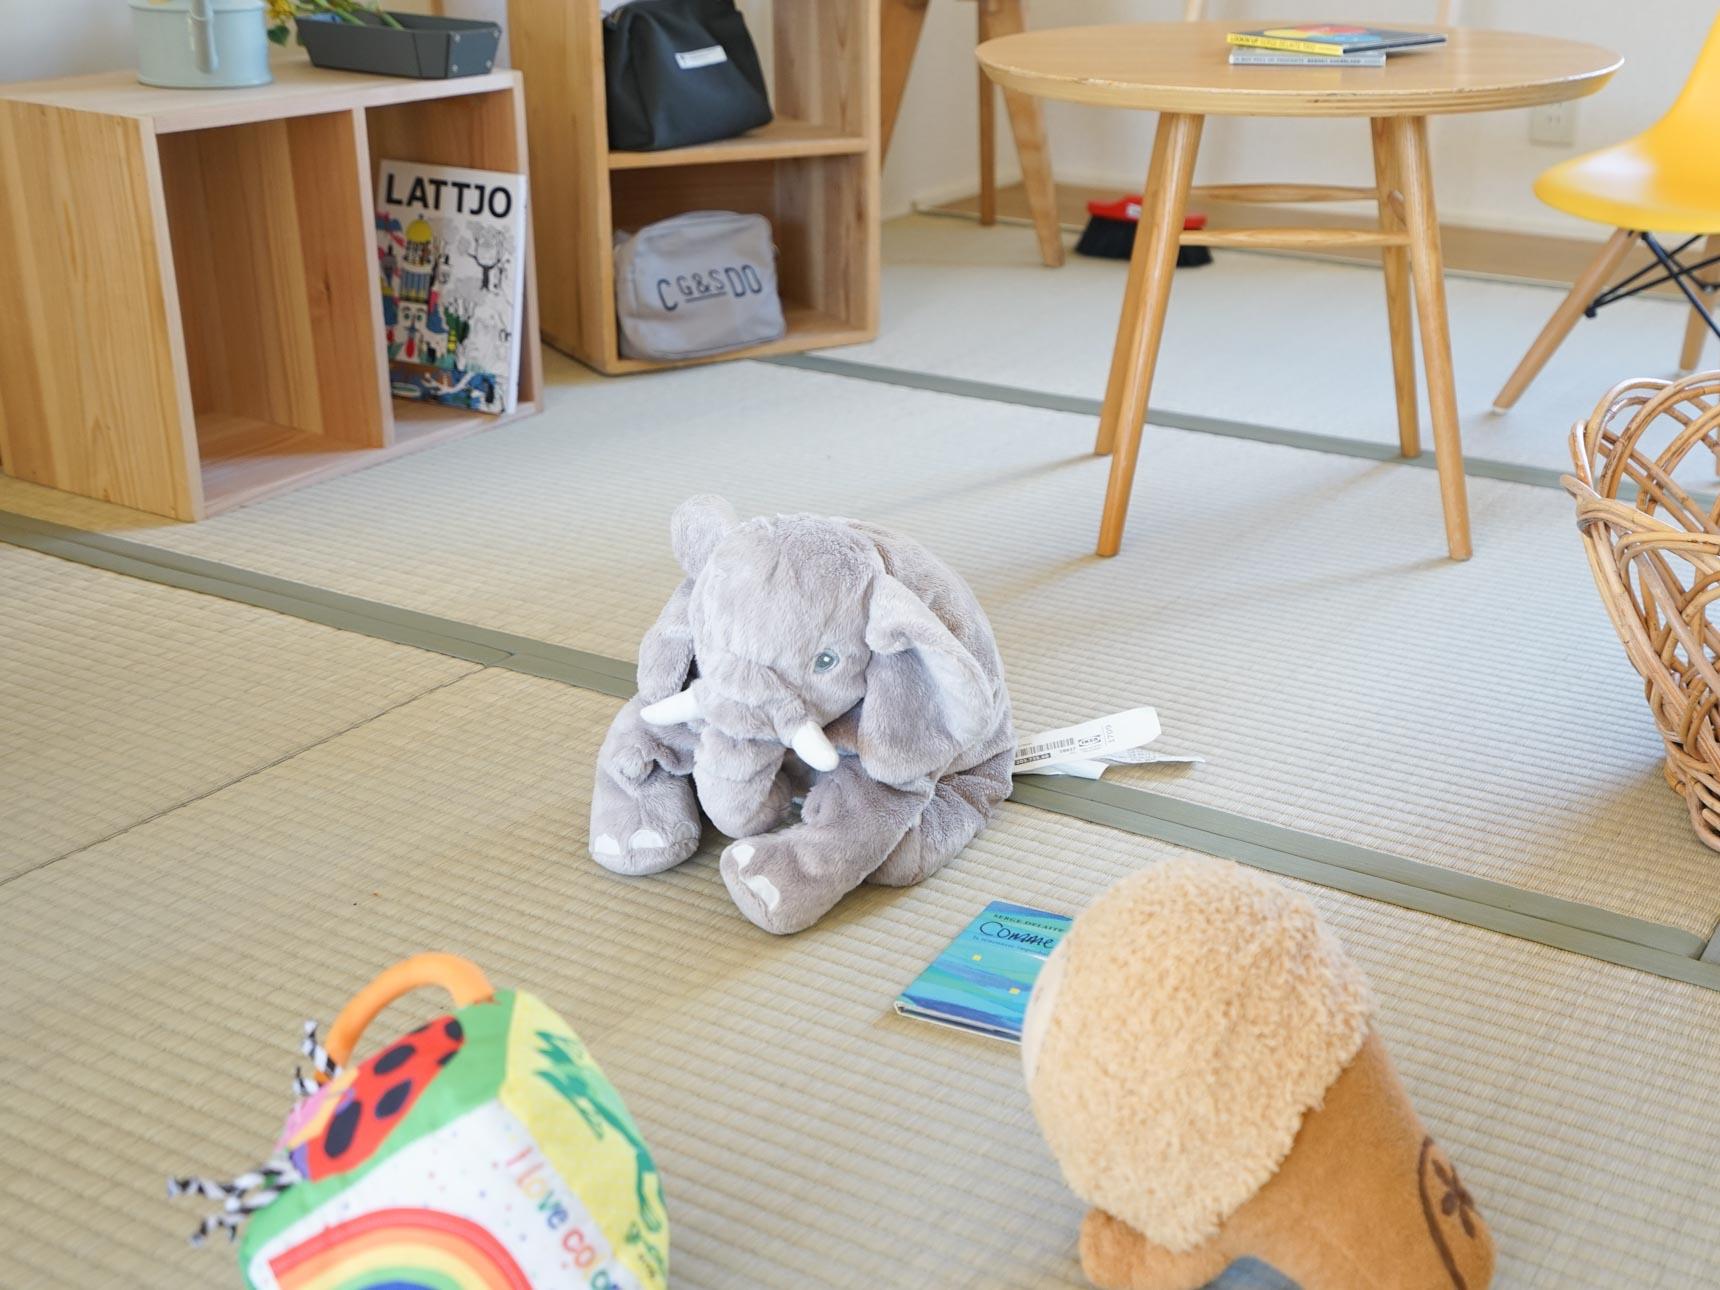 お子さんが遊ぶときにも安心な畳。